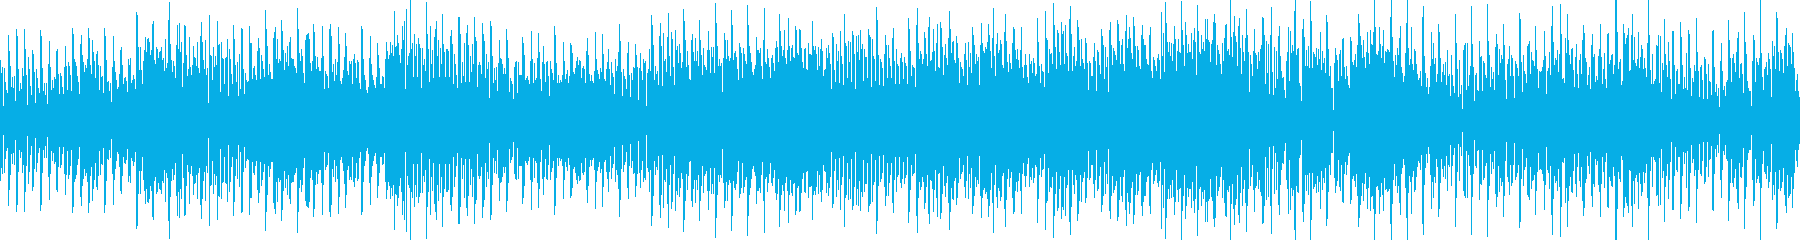 激しく踊るダンス系BGM|テクノ・ループの再生済みの波形